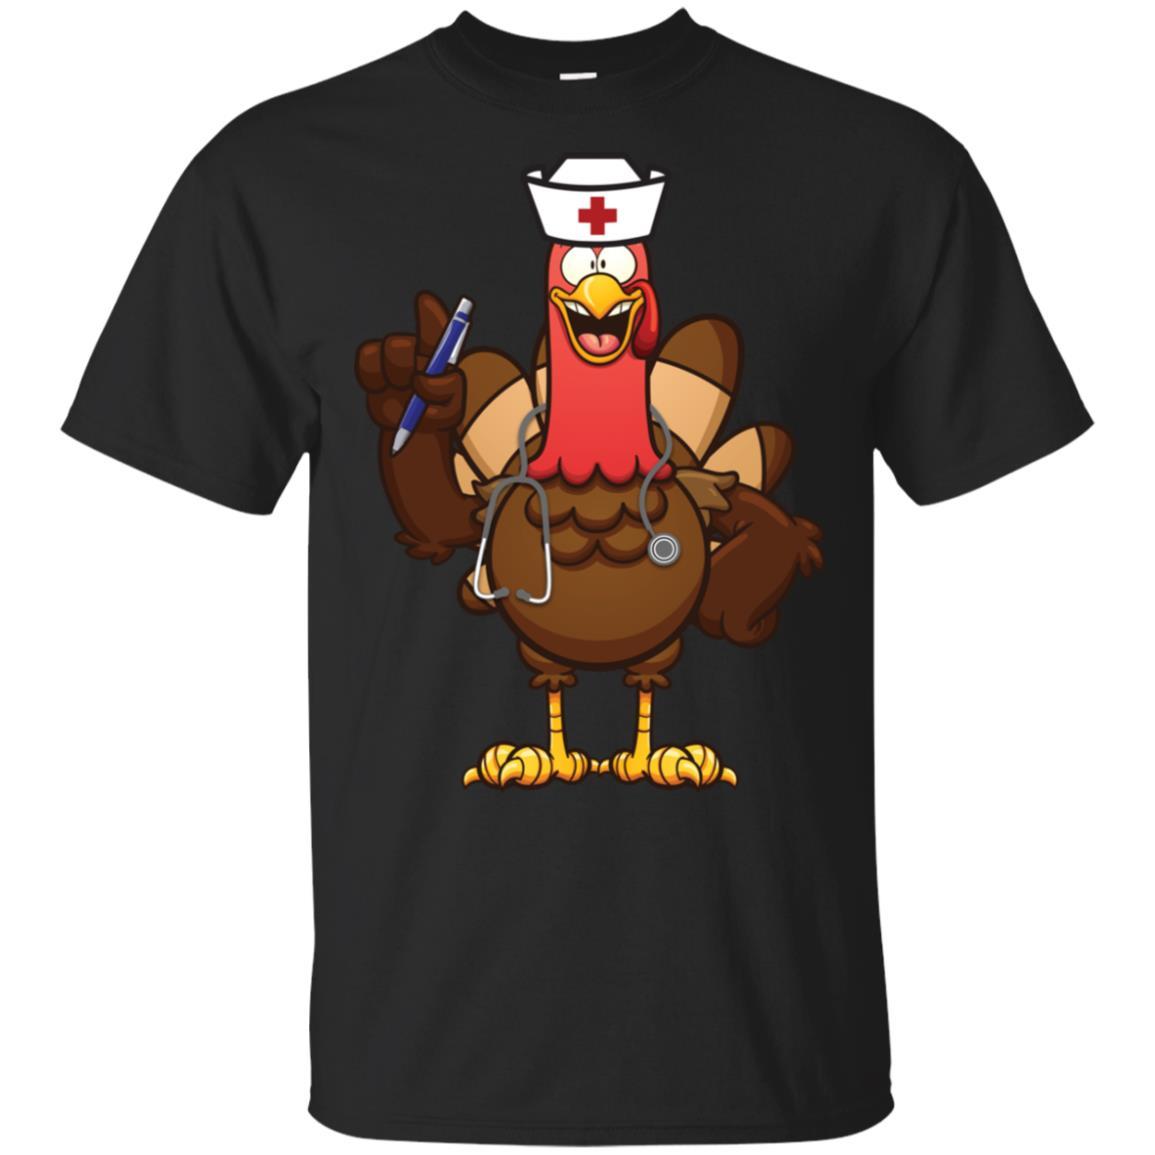 Nurse Thanksgiving Funny Rn Lvn Turkey Cute doctor Unisex Short Sleeve